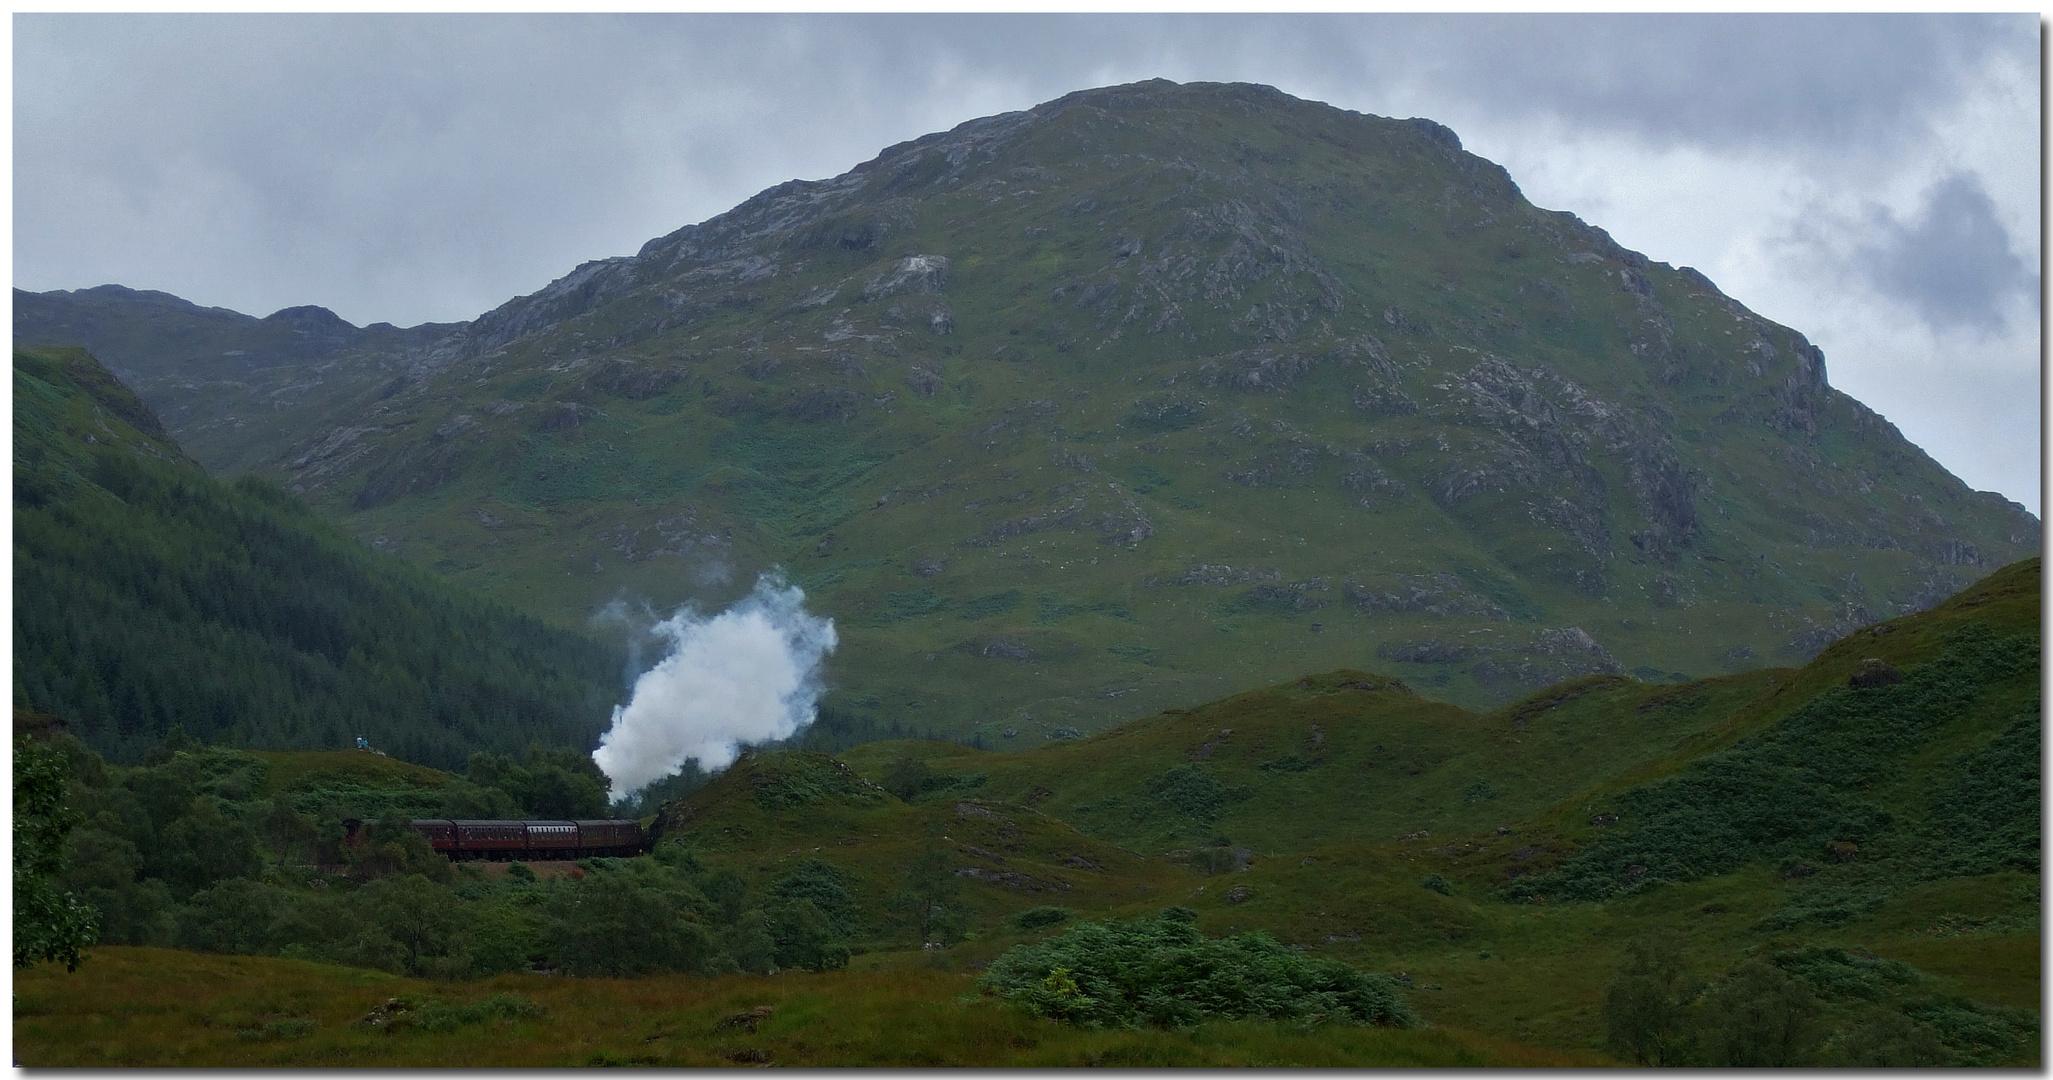 The spirit of Scotland XXXI